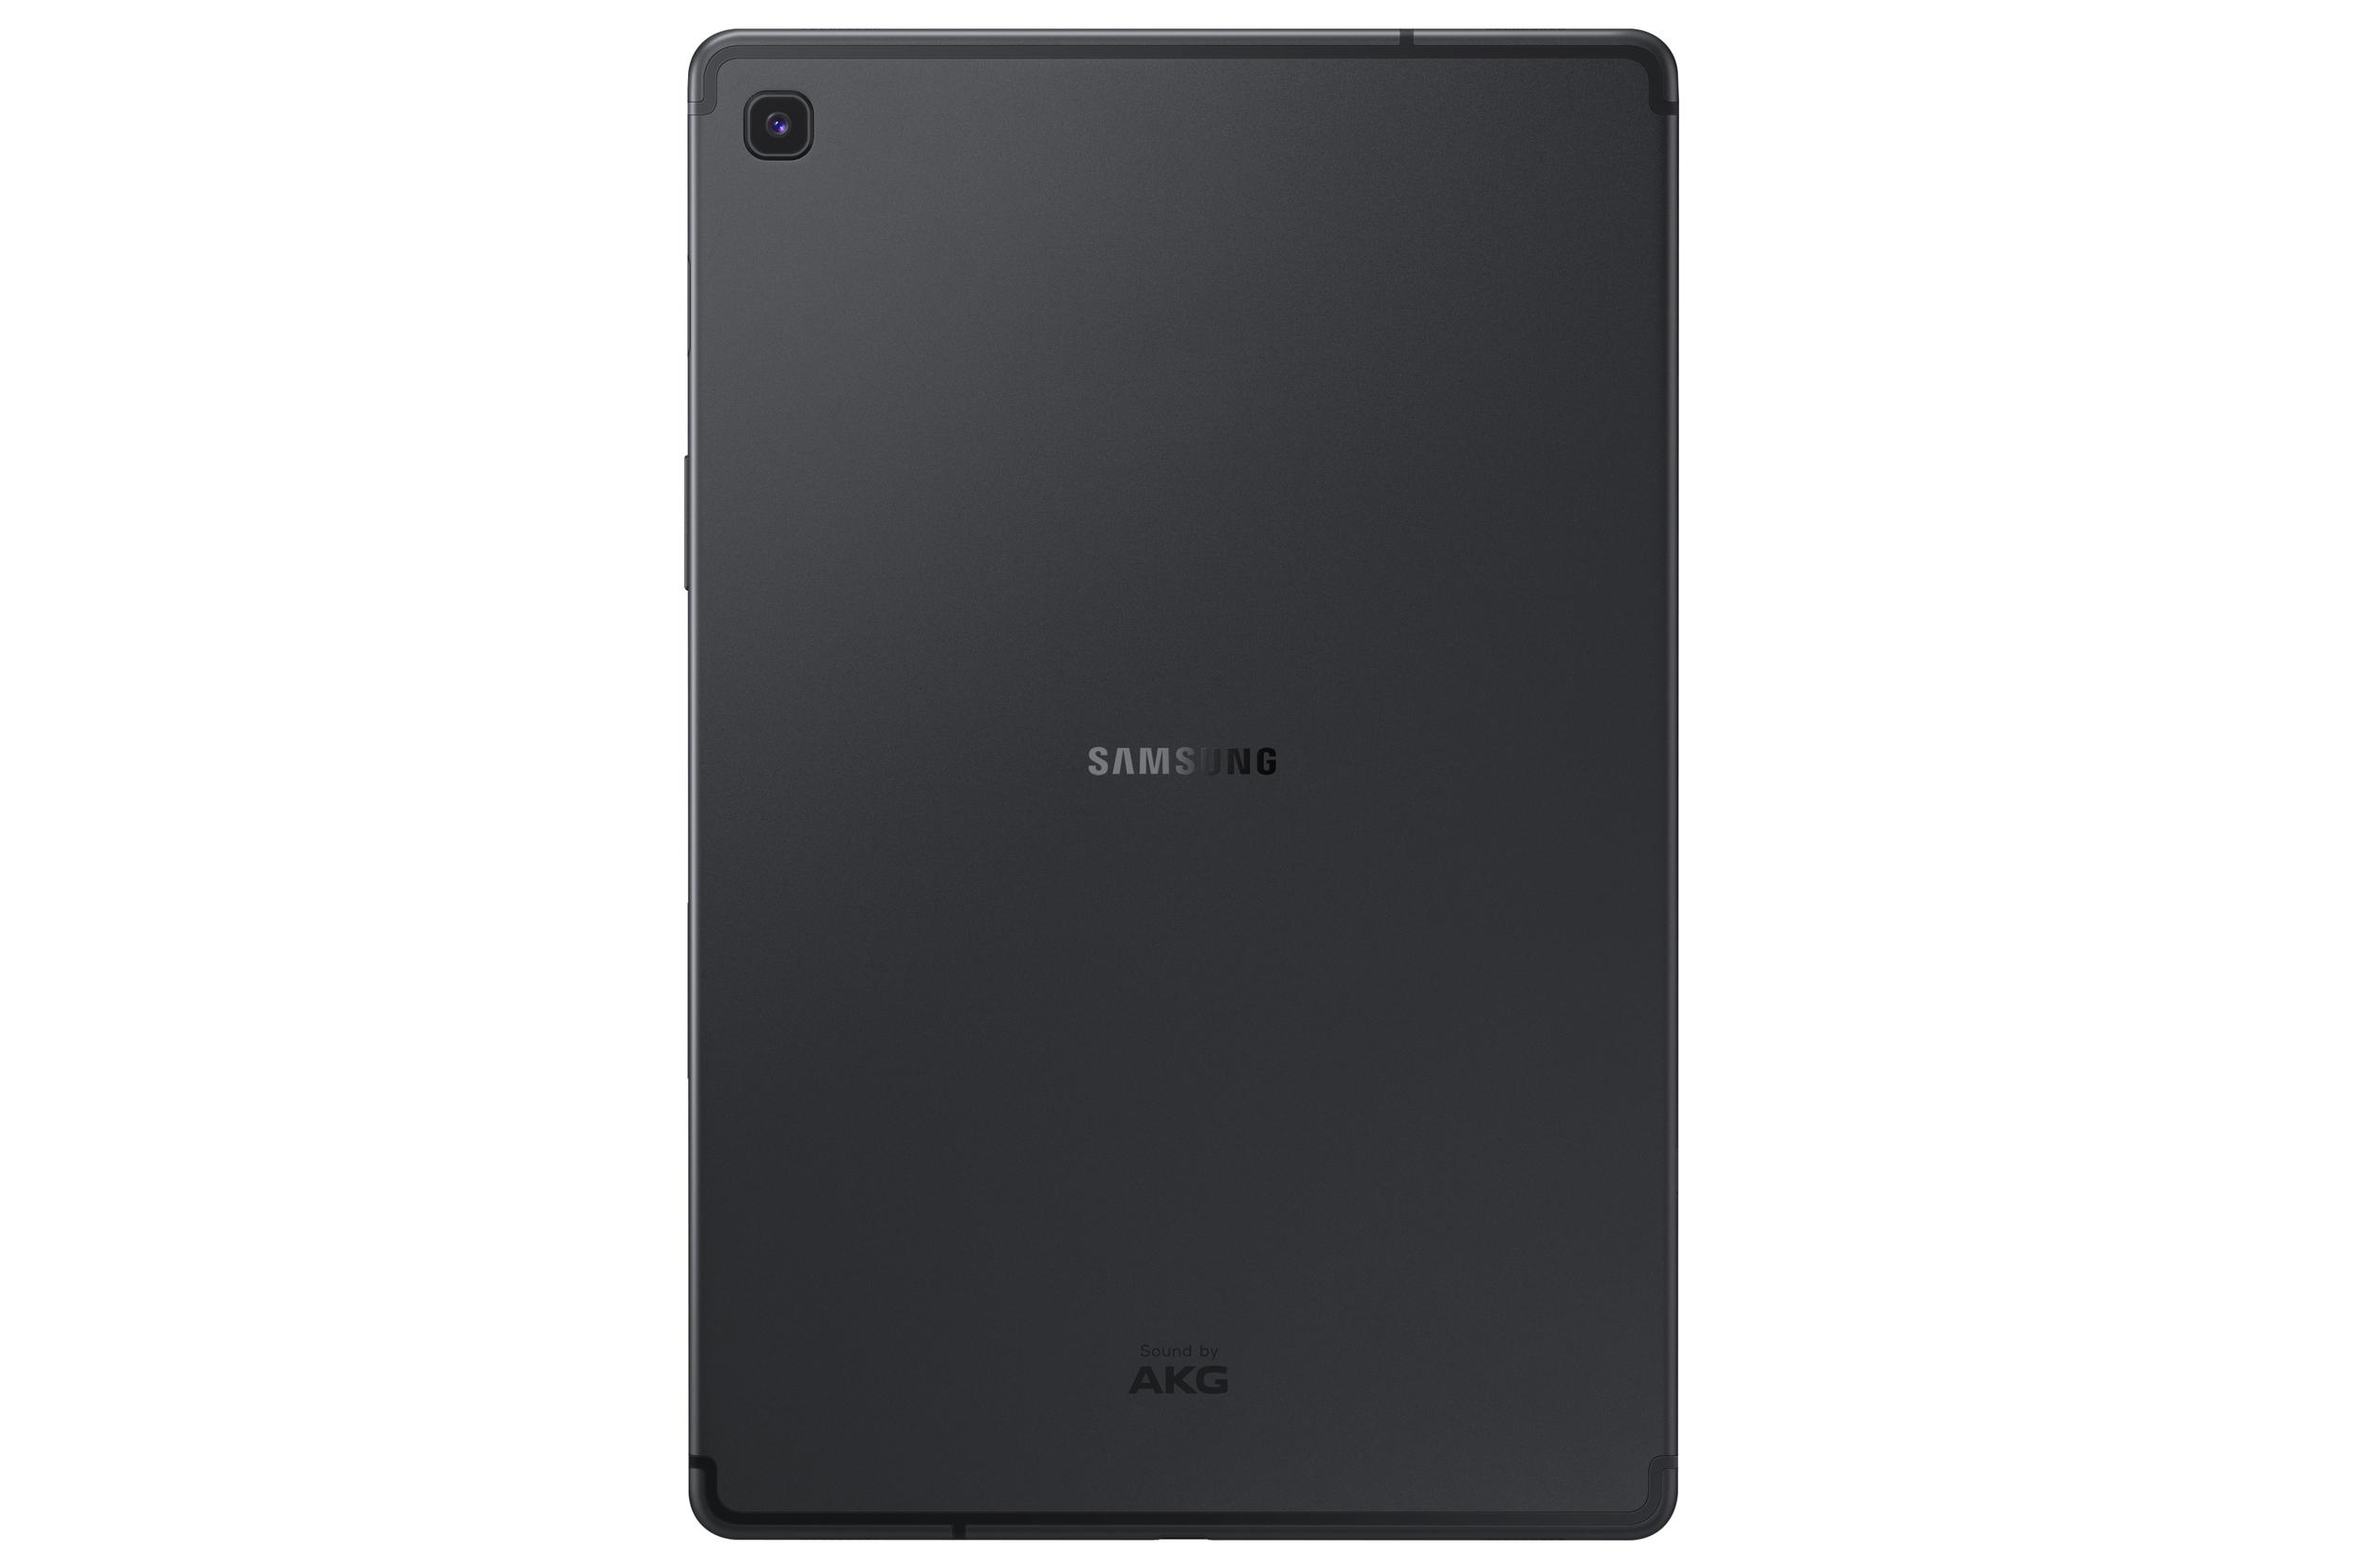 Samsung anticipa iPad 2019: ecco il nuovo S5E, ultra sottile e con Bixby a bordo